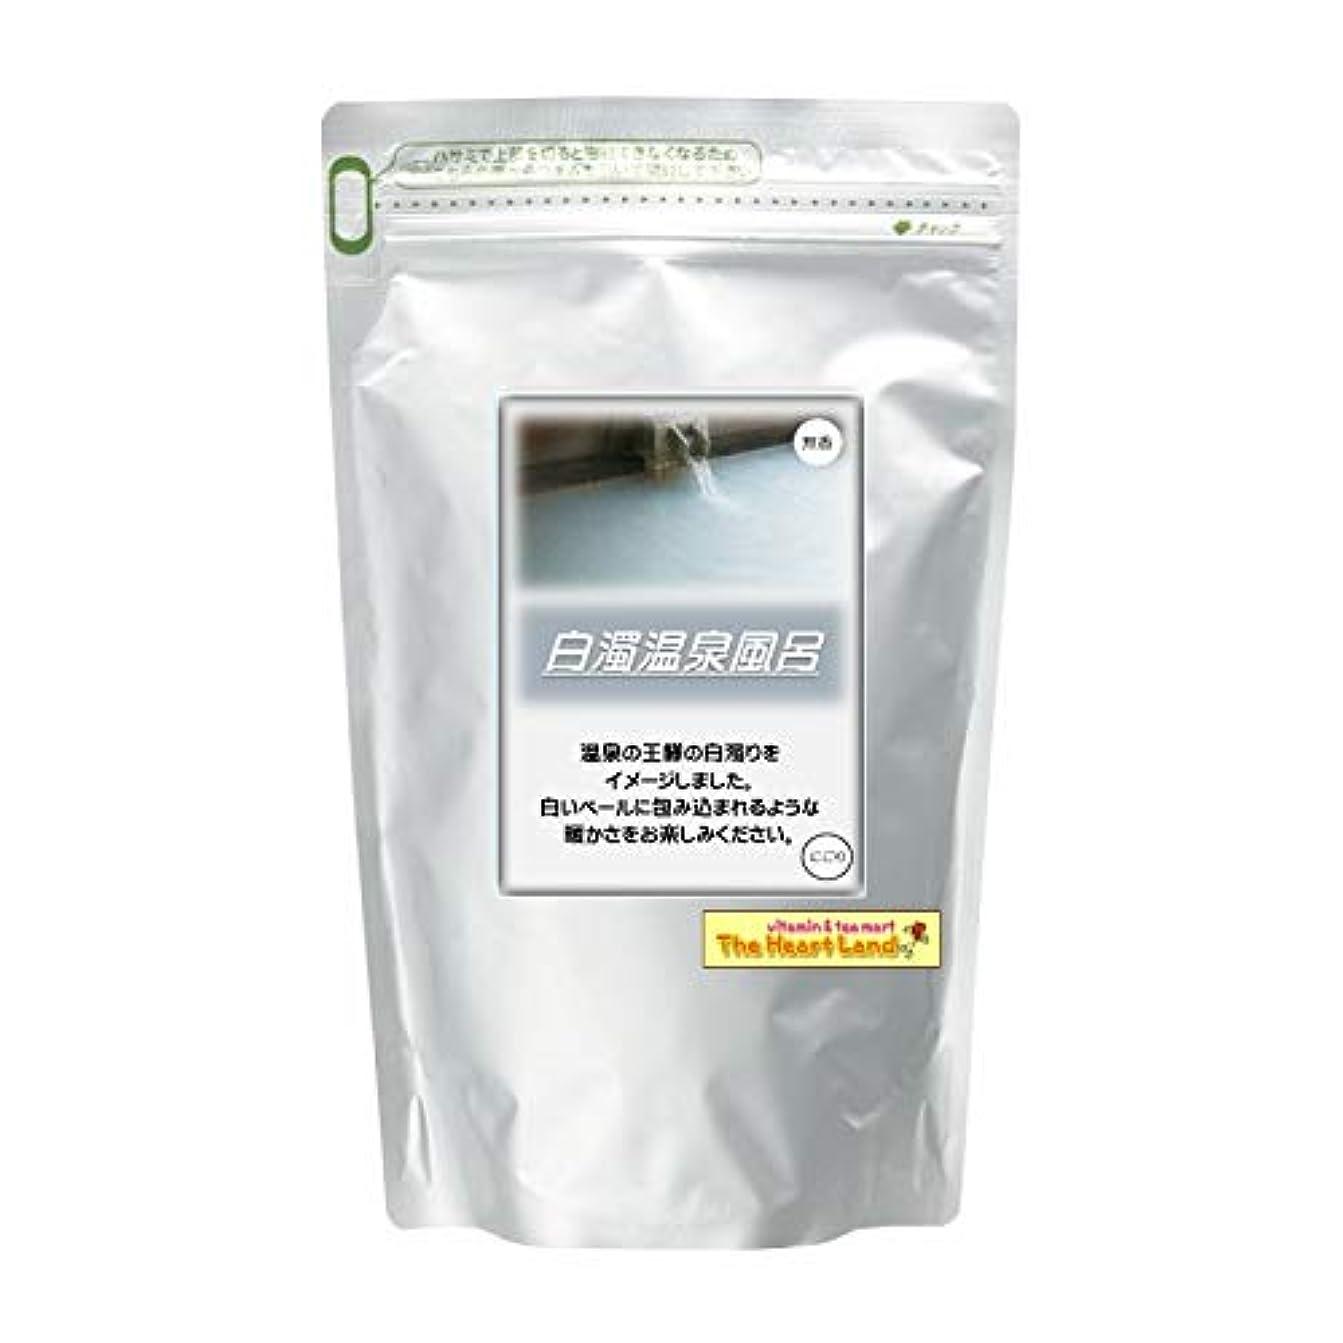 ソーダ水シェア発掘アサヒ入浴剤 浴用入浴化粧品 白濁温泉風呂 2.5kg